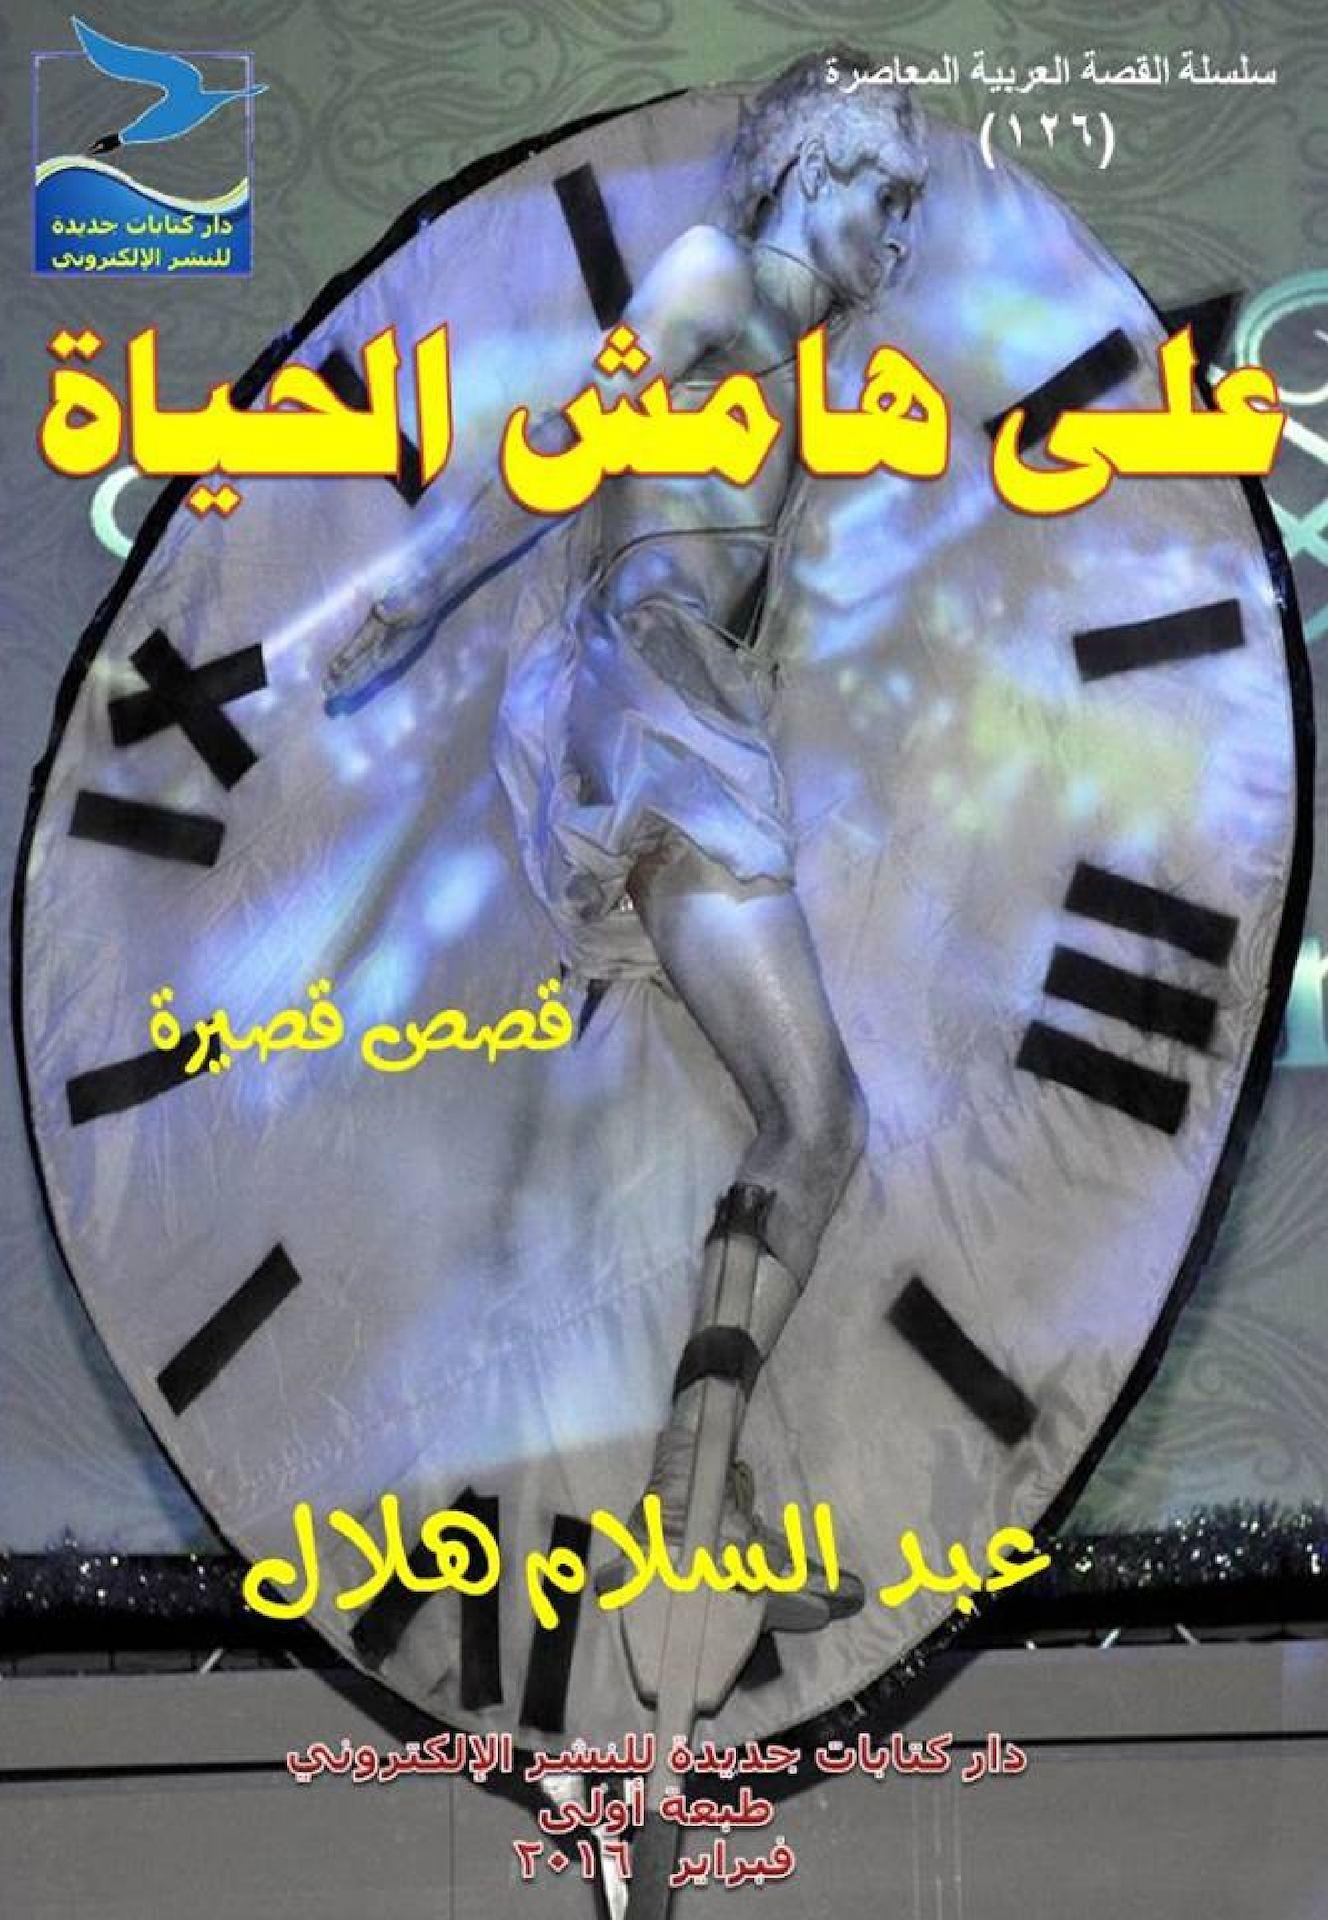 ad6b2f480 Calaméo - عبد السلام هلال، على هامش الحياة، قصص قصيرة، ط1، فبراير 2016